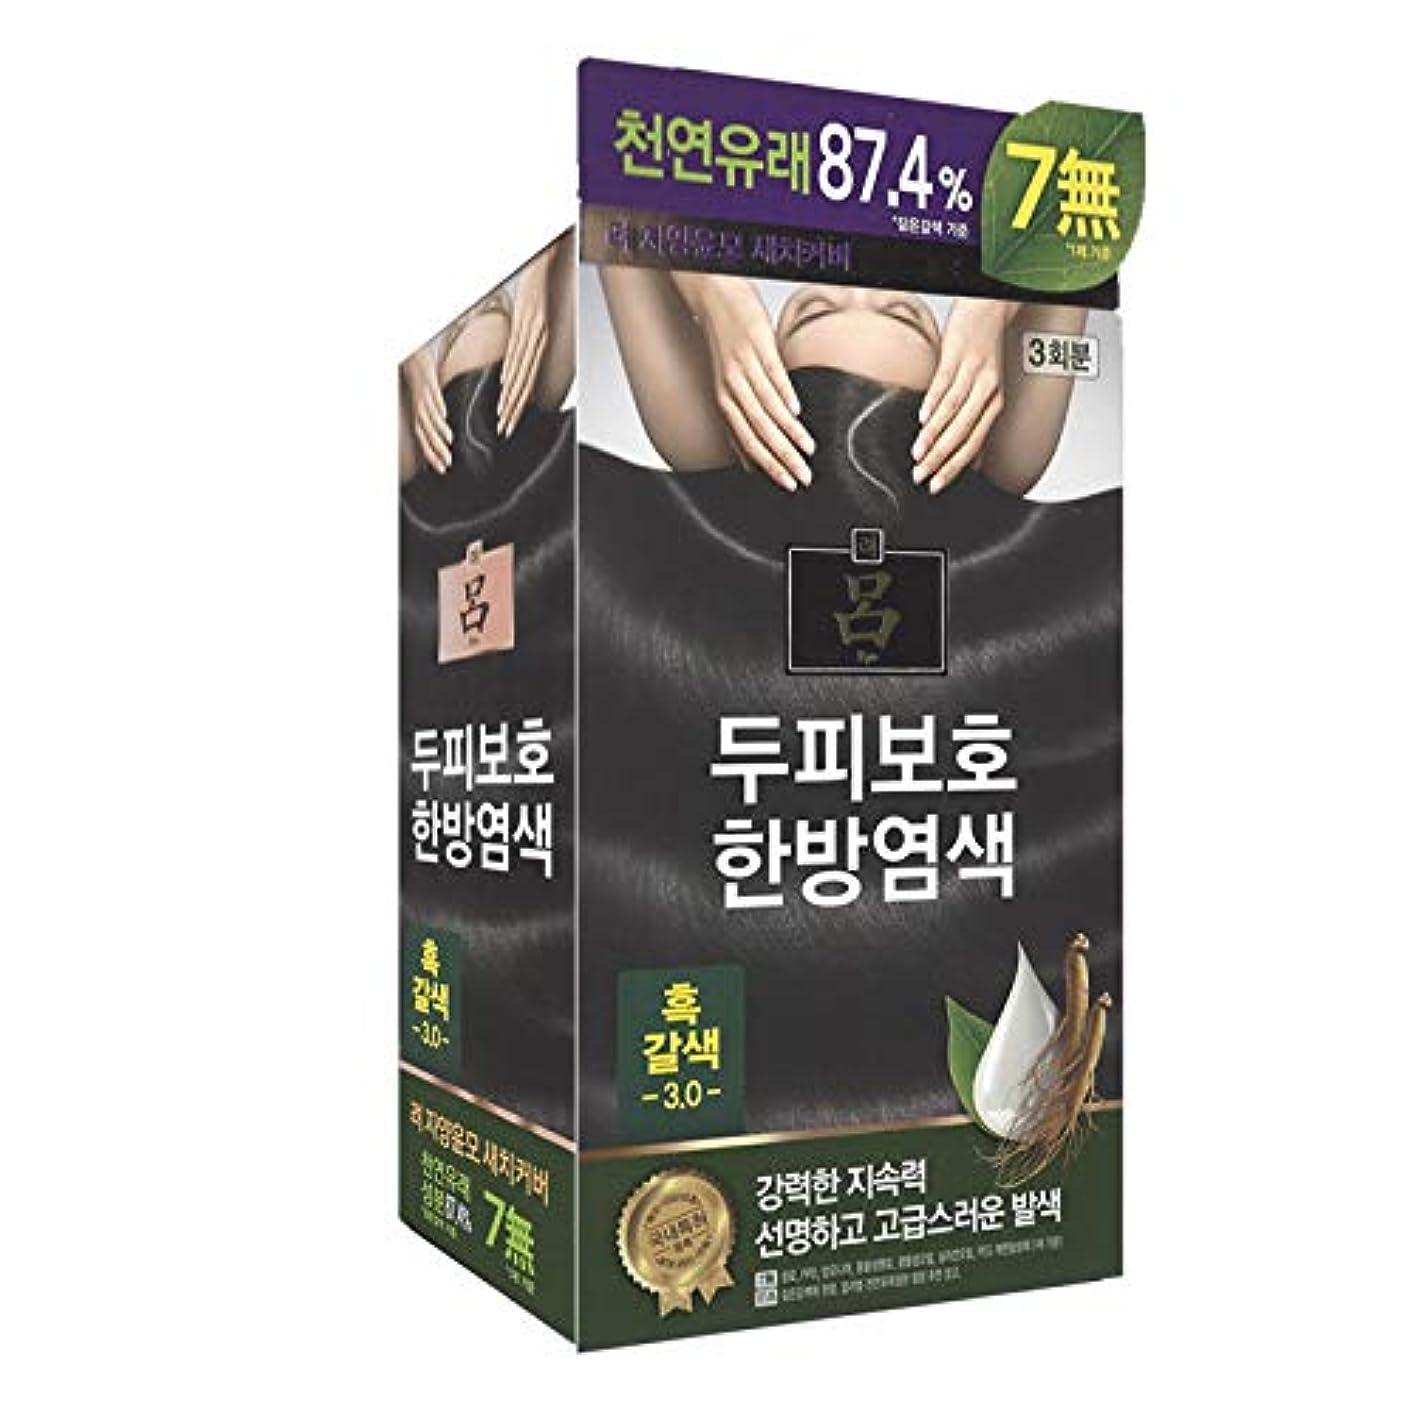 活気づける気配りのある裏切るアモーレパシフィック呂[AMOREPACIFIC/Ryo] Jayang Yunmoグレーヘアカバー 3.0 黒褐色(Blackish Brown)